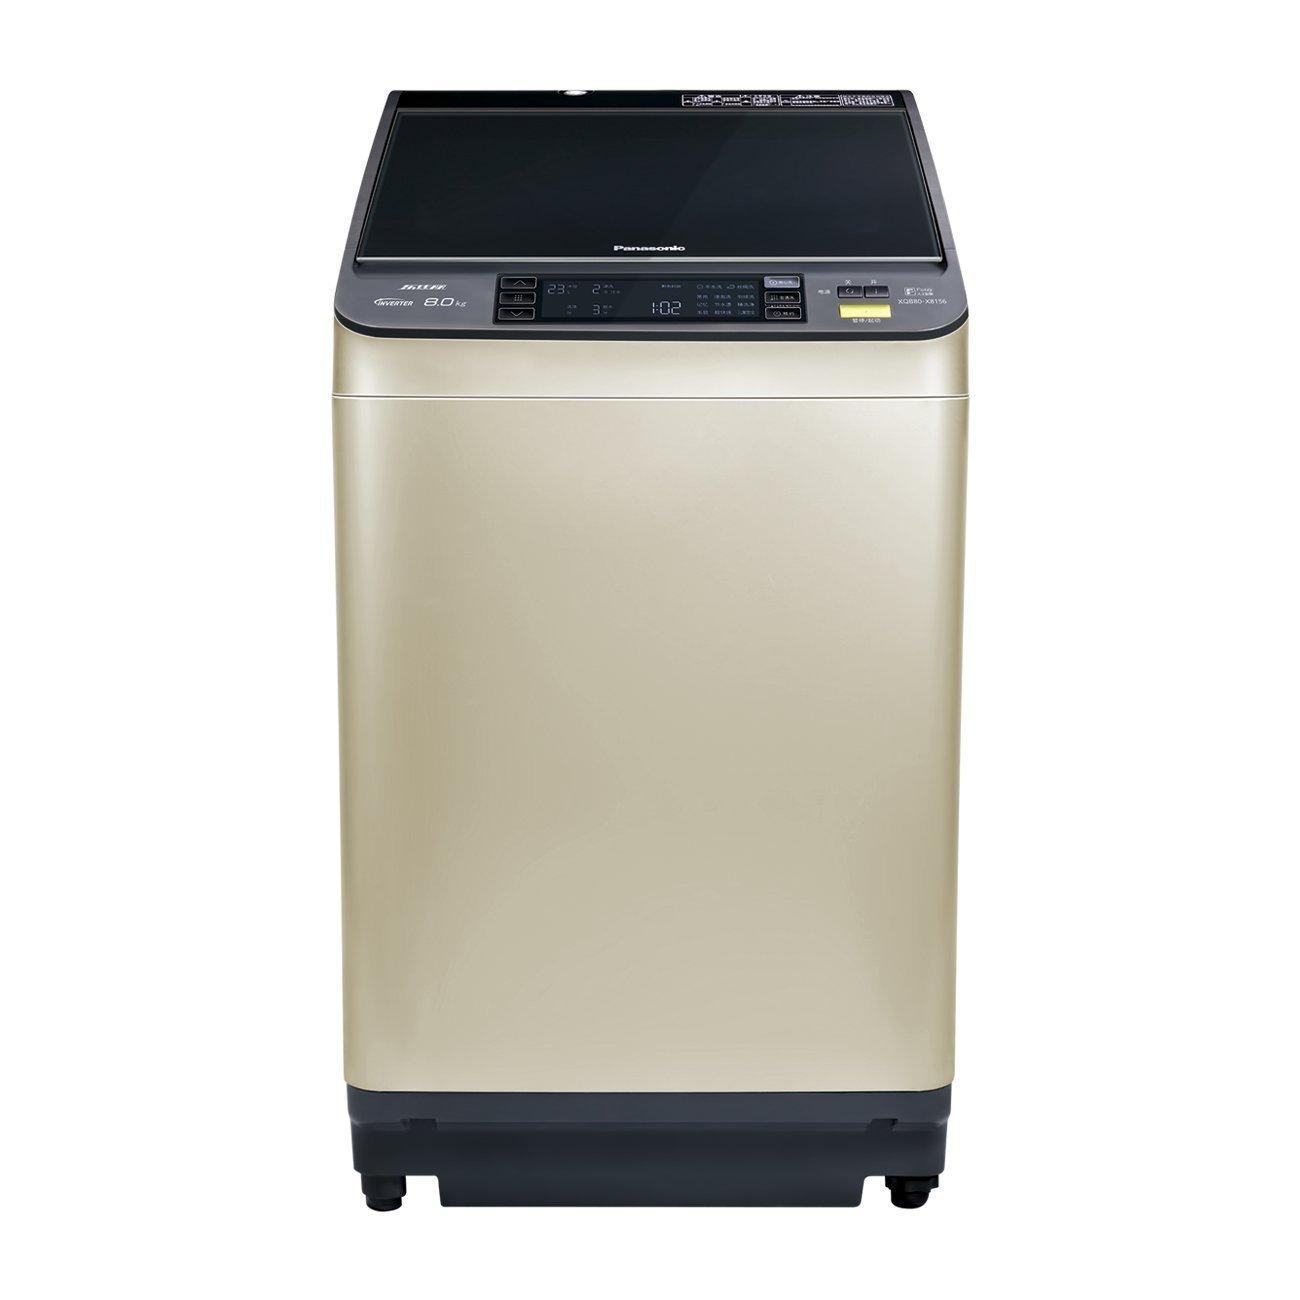 Máy giặt Panasonic Panasonic 8kg tự động hoàn toàn thay đổi tần số máy giặt công suất lớn XQB80-X815